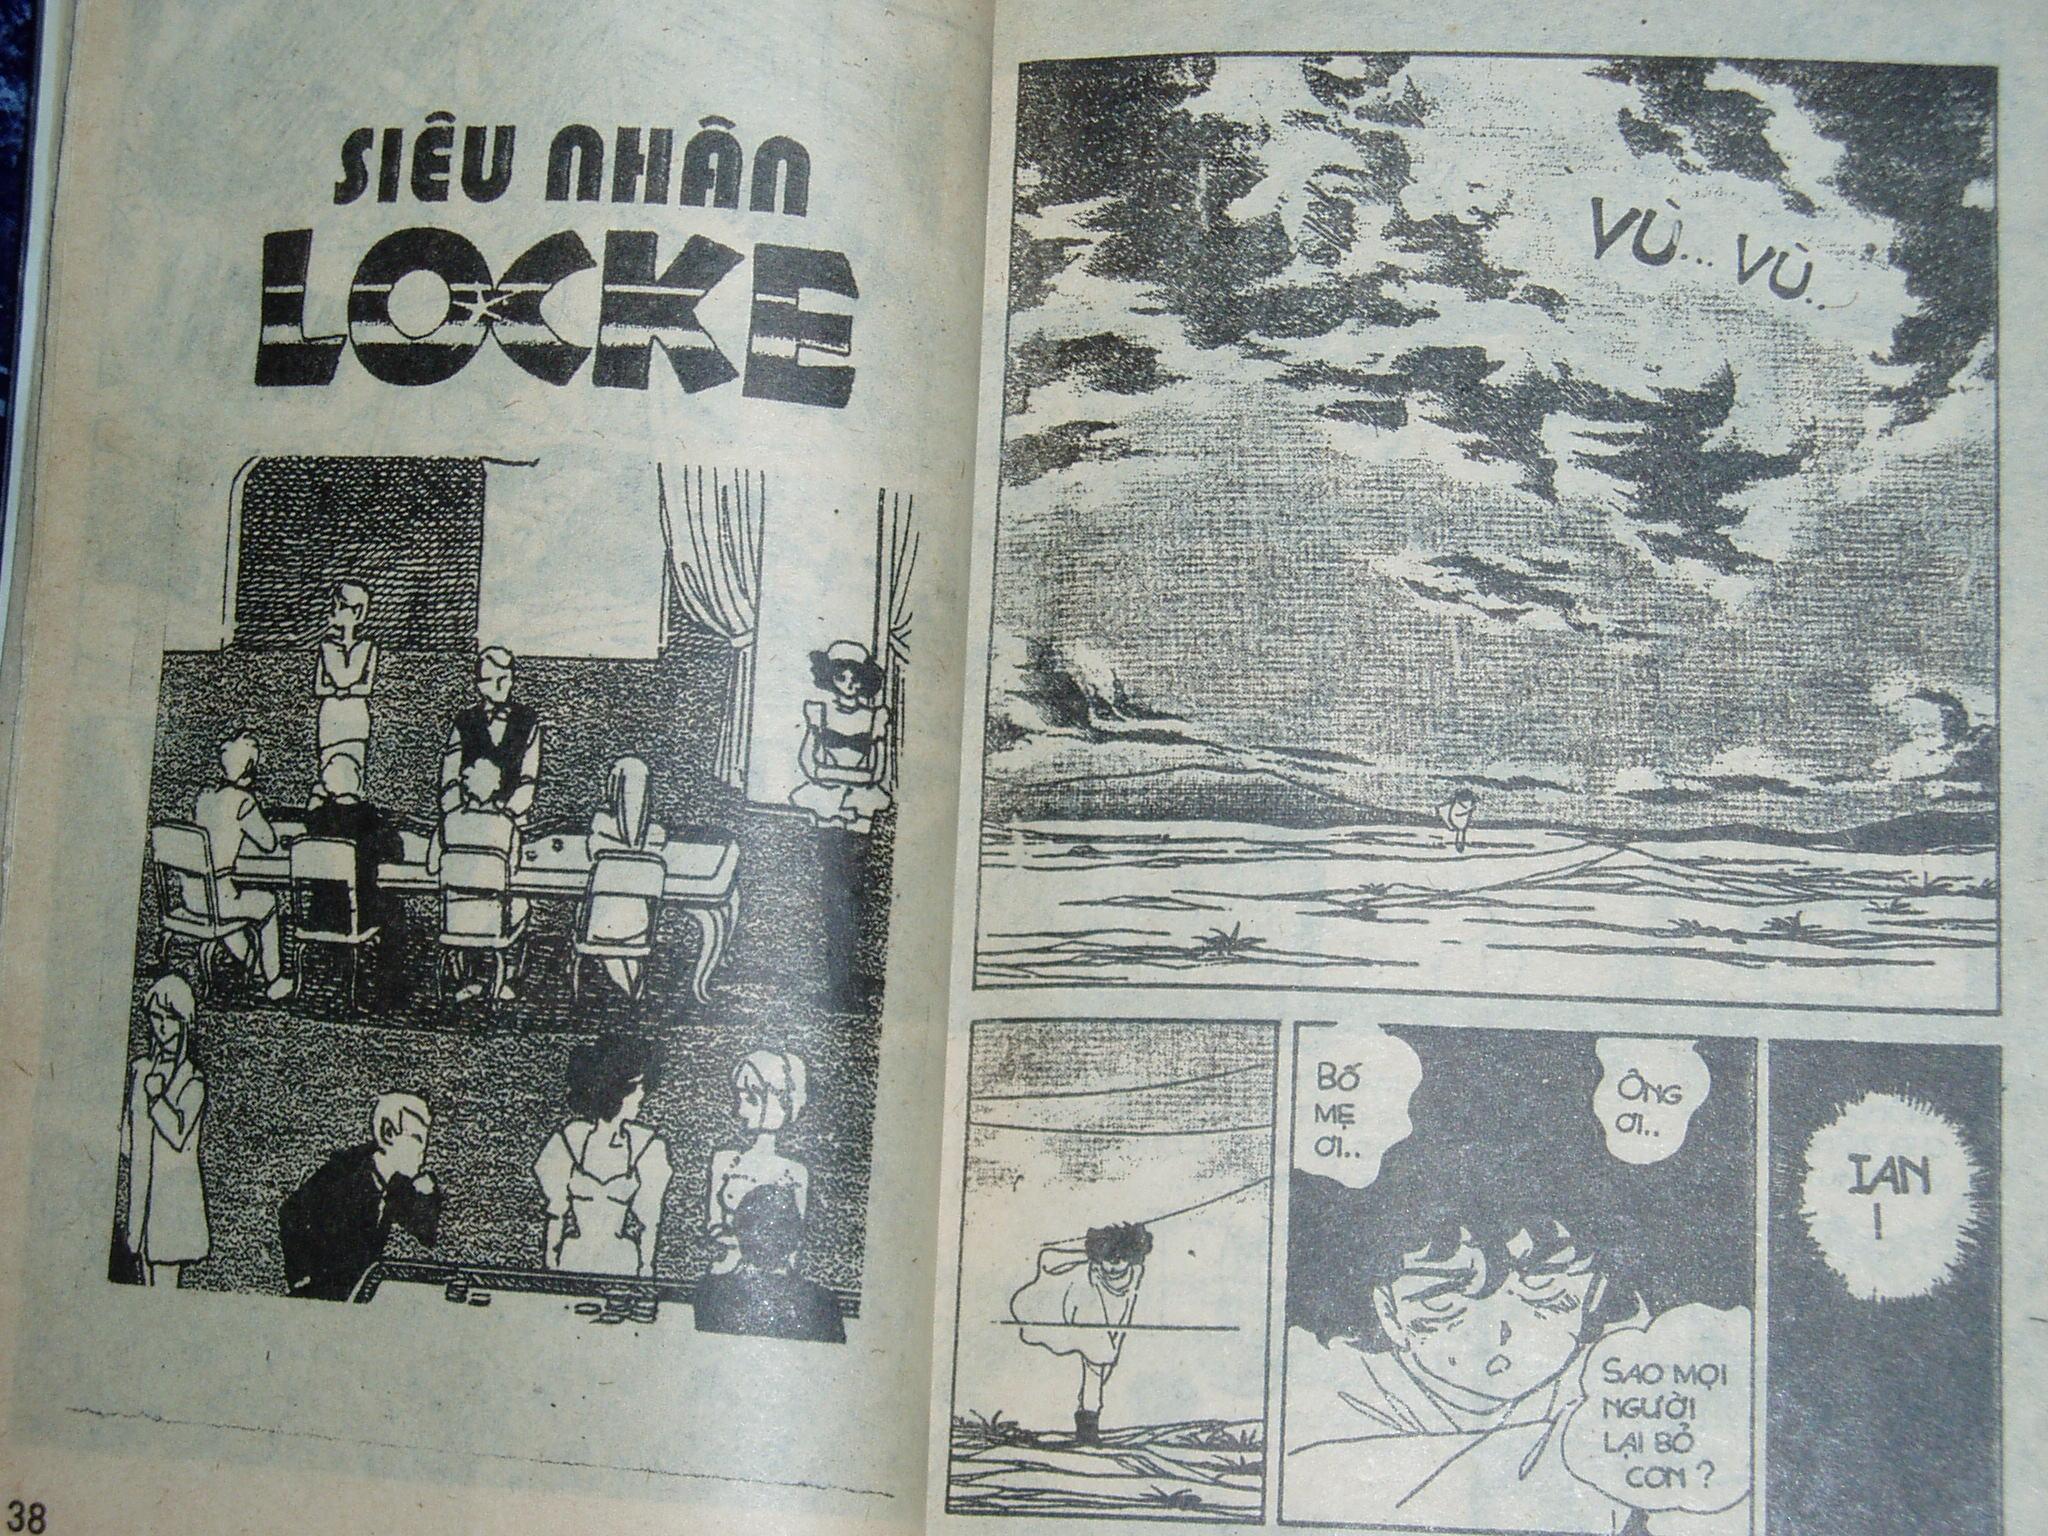 Siêu nhân Locke vol 14 trang 19